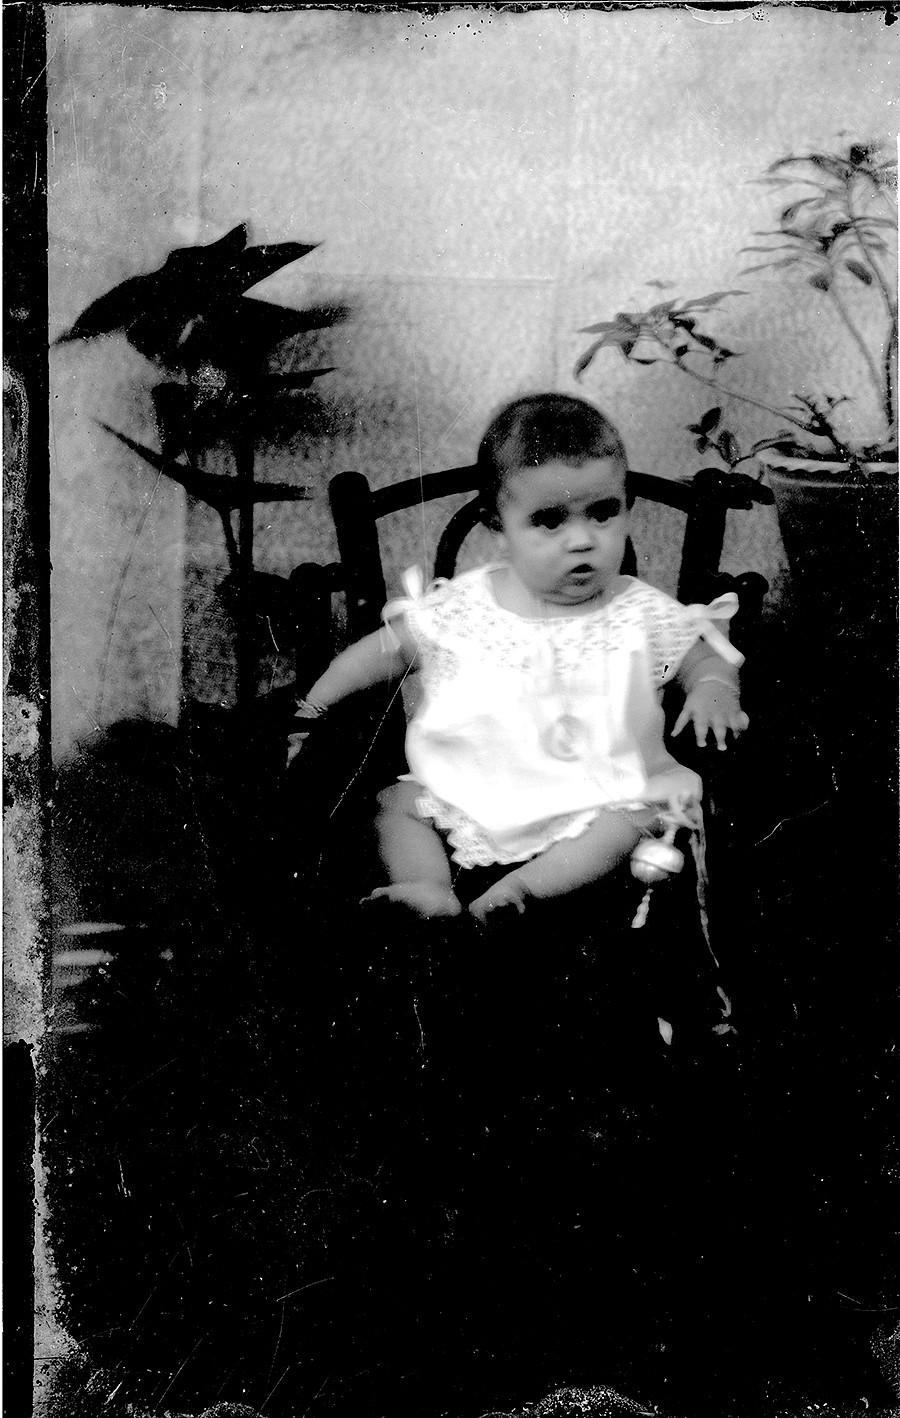 Bebé con sonajero